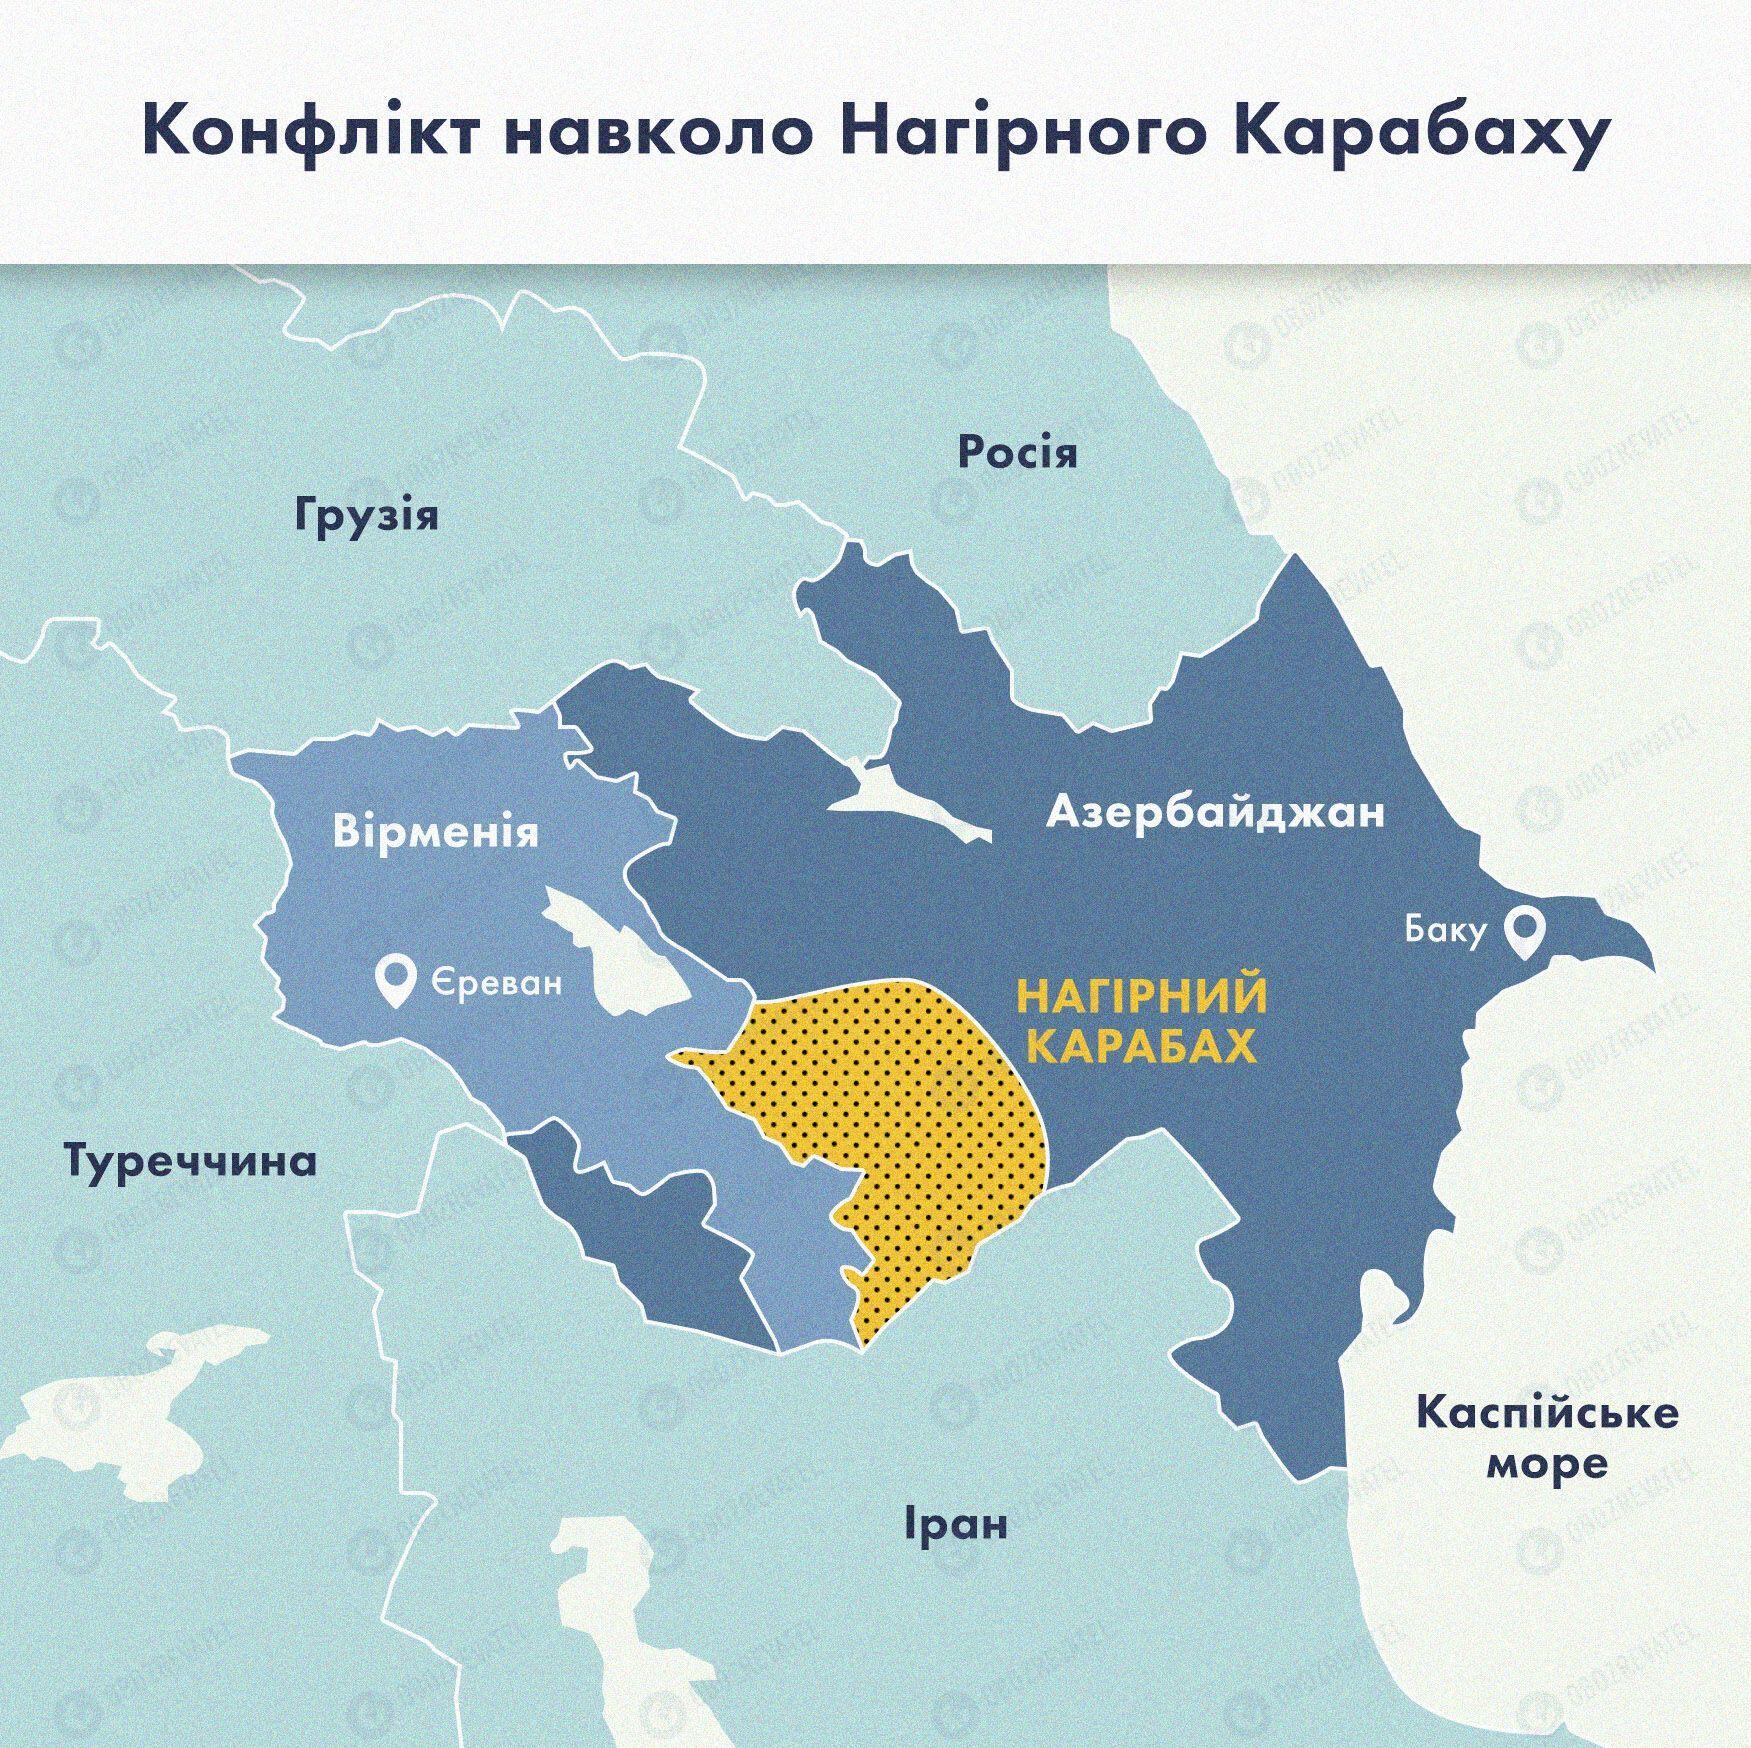 Карта конфликта.